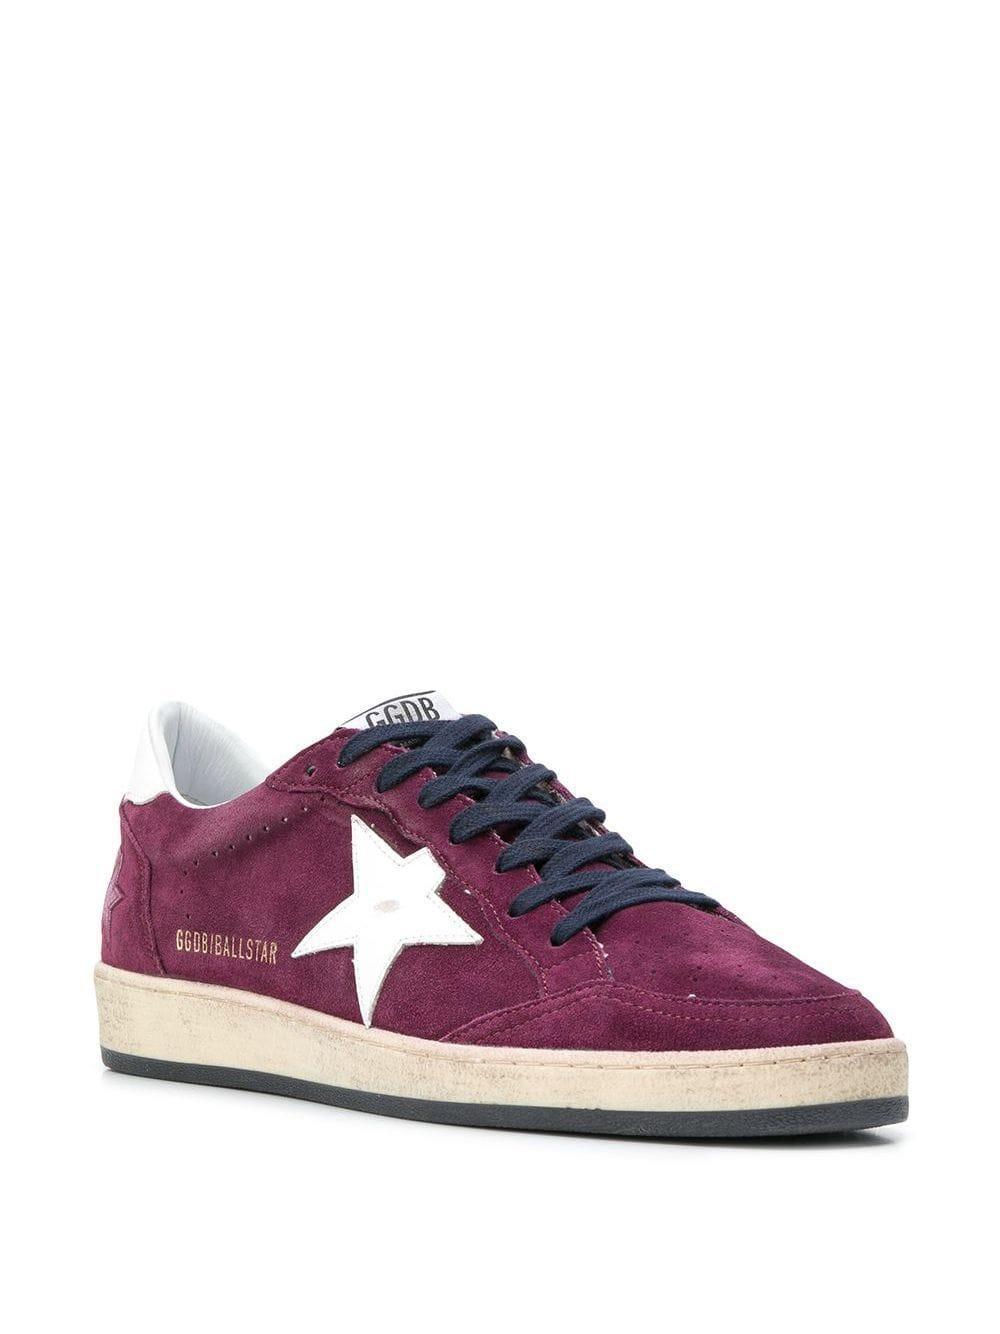 Golden Goose Deluxe Brand Ganzendons Superstar Sneakers in het Roze voor heren